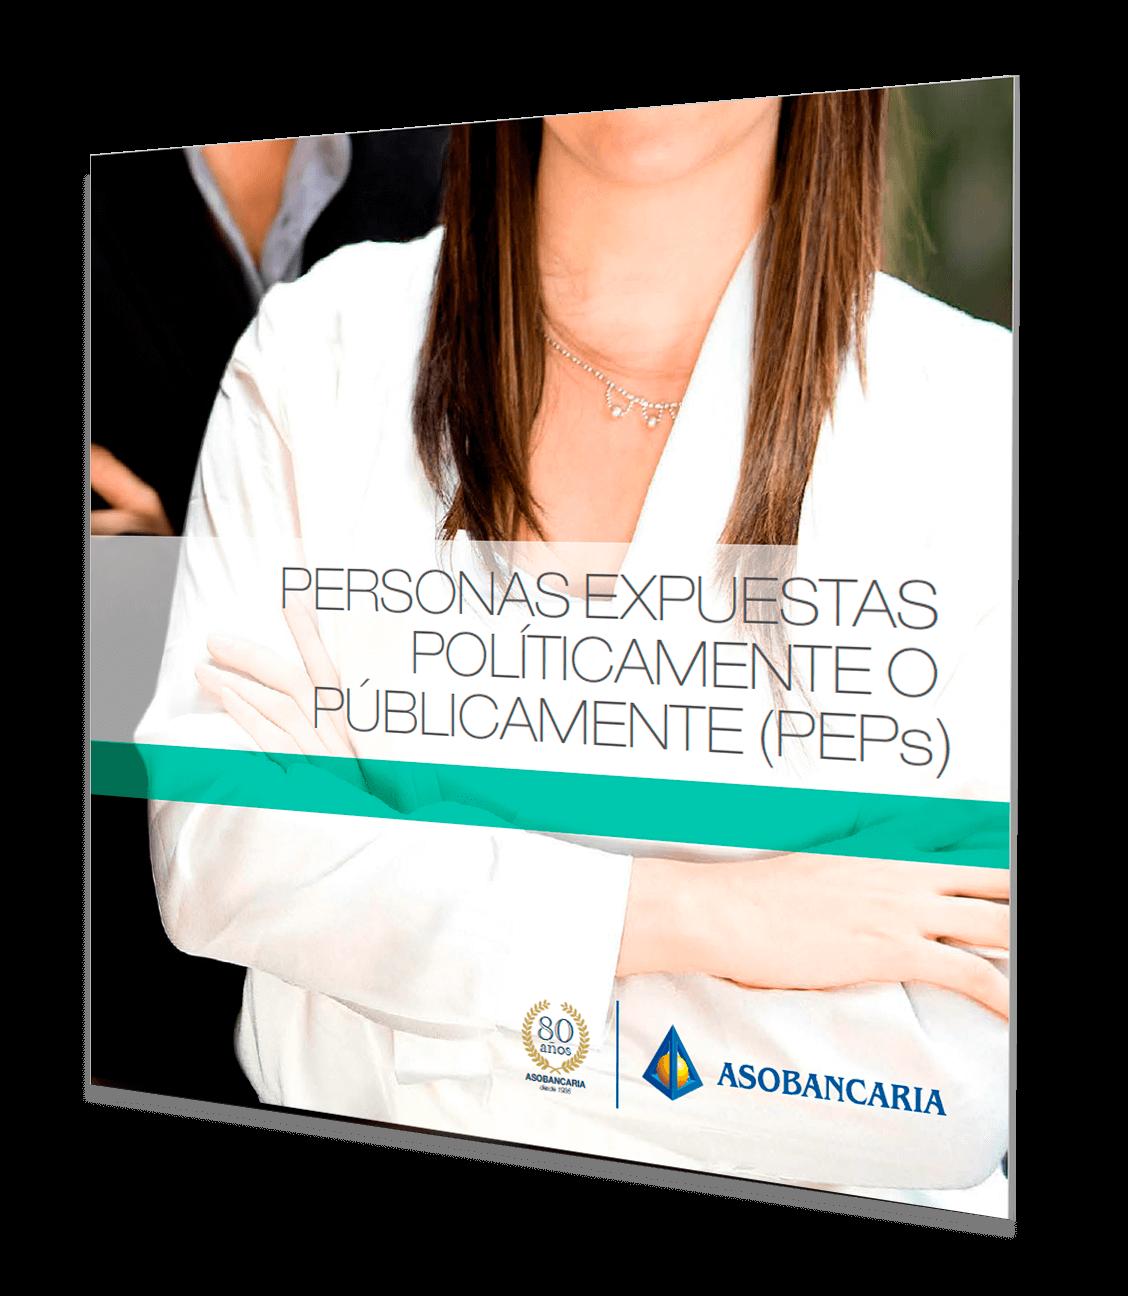 PERSONAS EXPUESTAS POLÍTICAMENTE O PÚBLICAMENTE (PEPs)